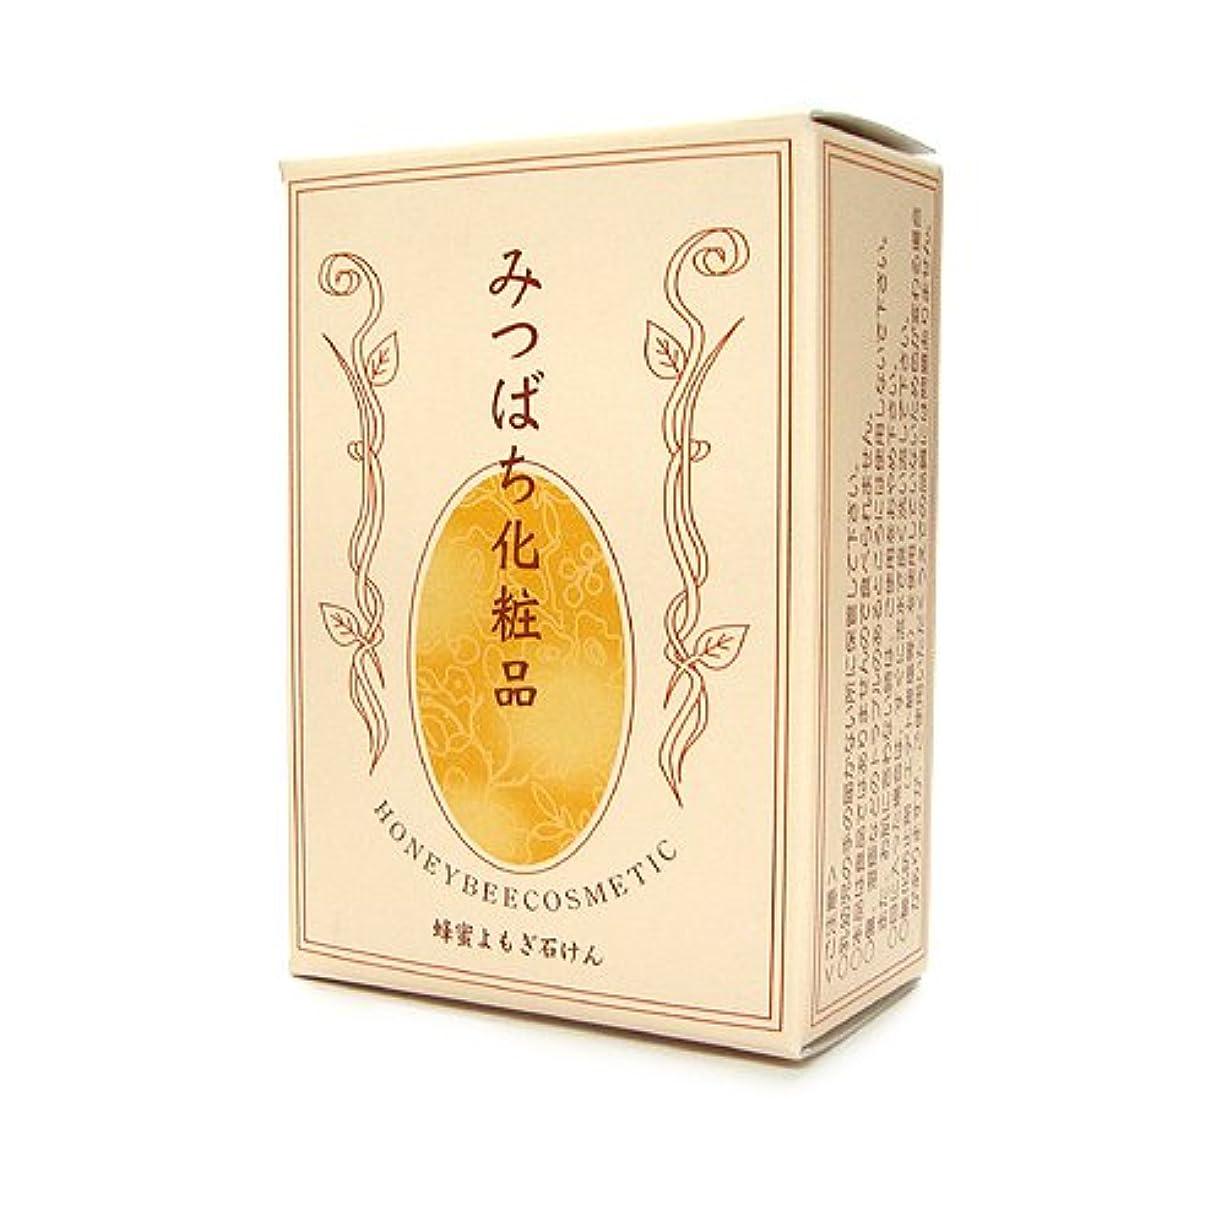 飲食店豊富なブロック蜂蜜よもぎ石鹸 100g